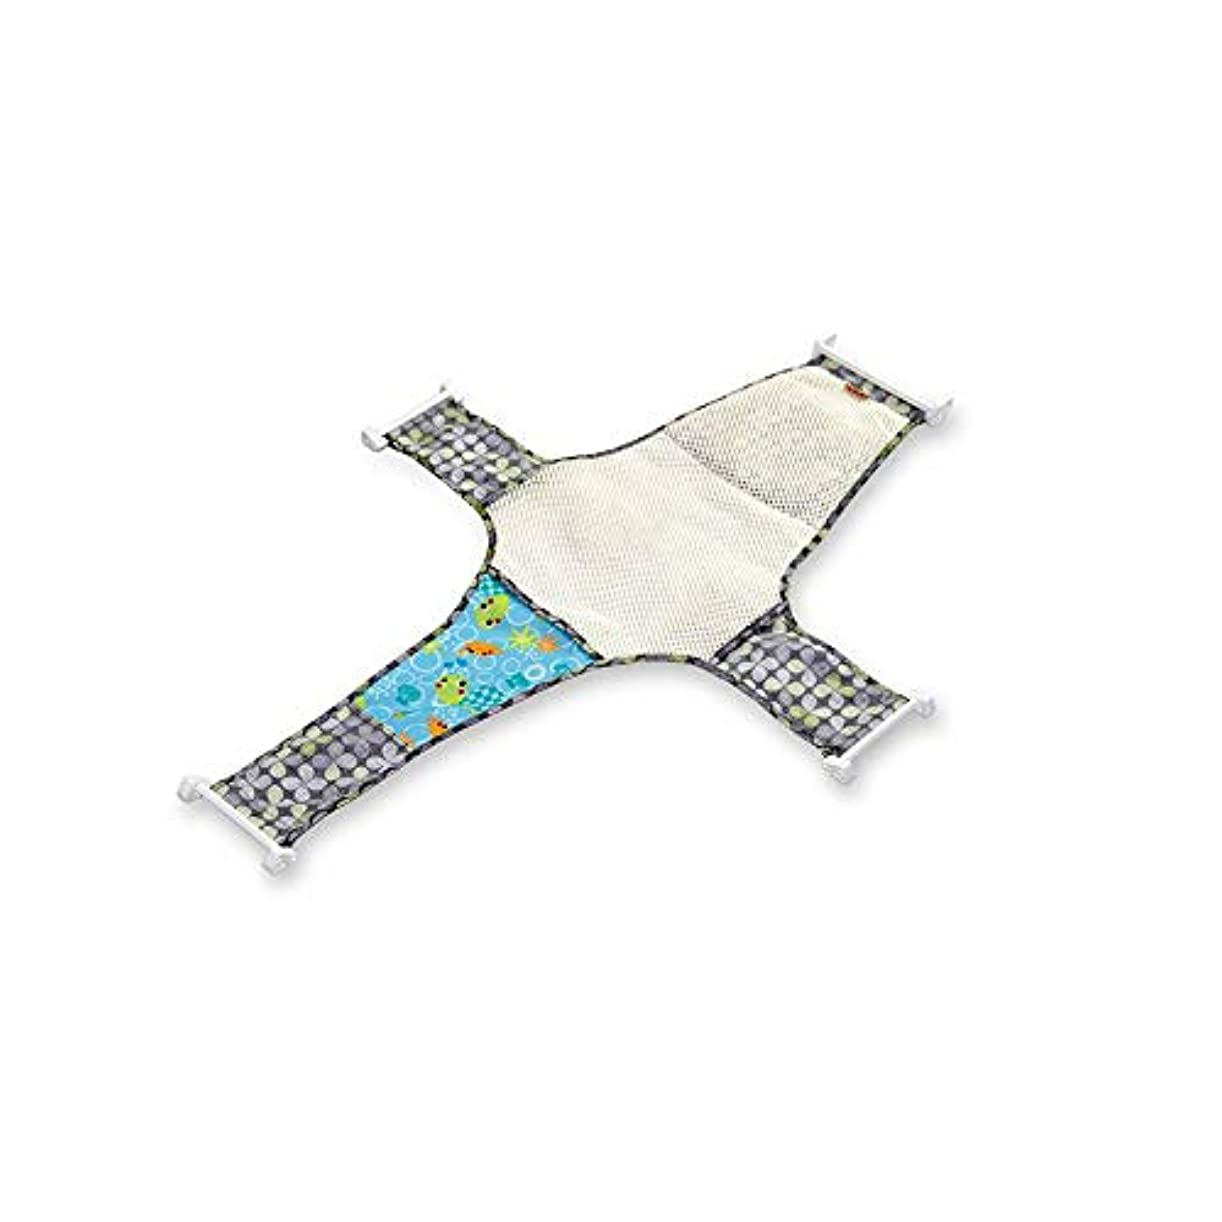 避難する素晴らしき現実にはOnior調整可能 十字メッシュ パターン バスタブ 座席 スタンドネット 滑り止め 浴槽網 耐久性